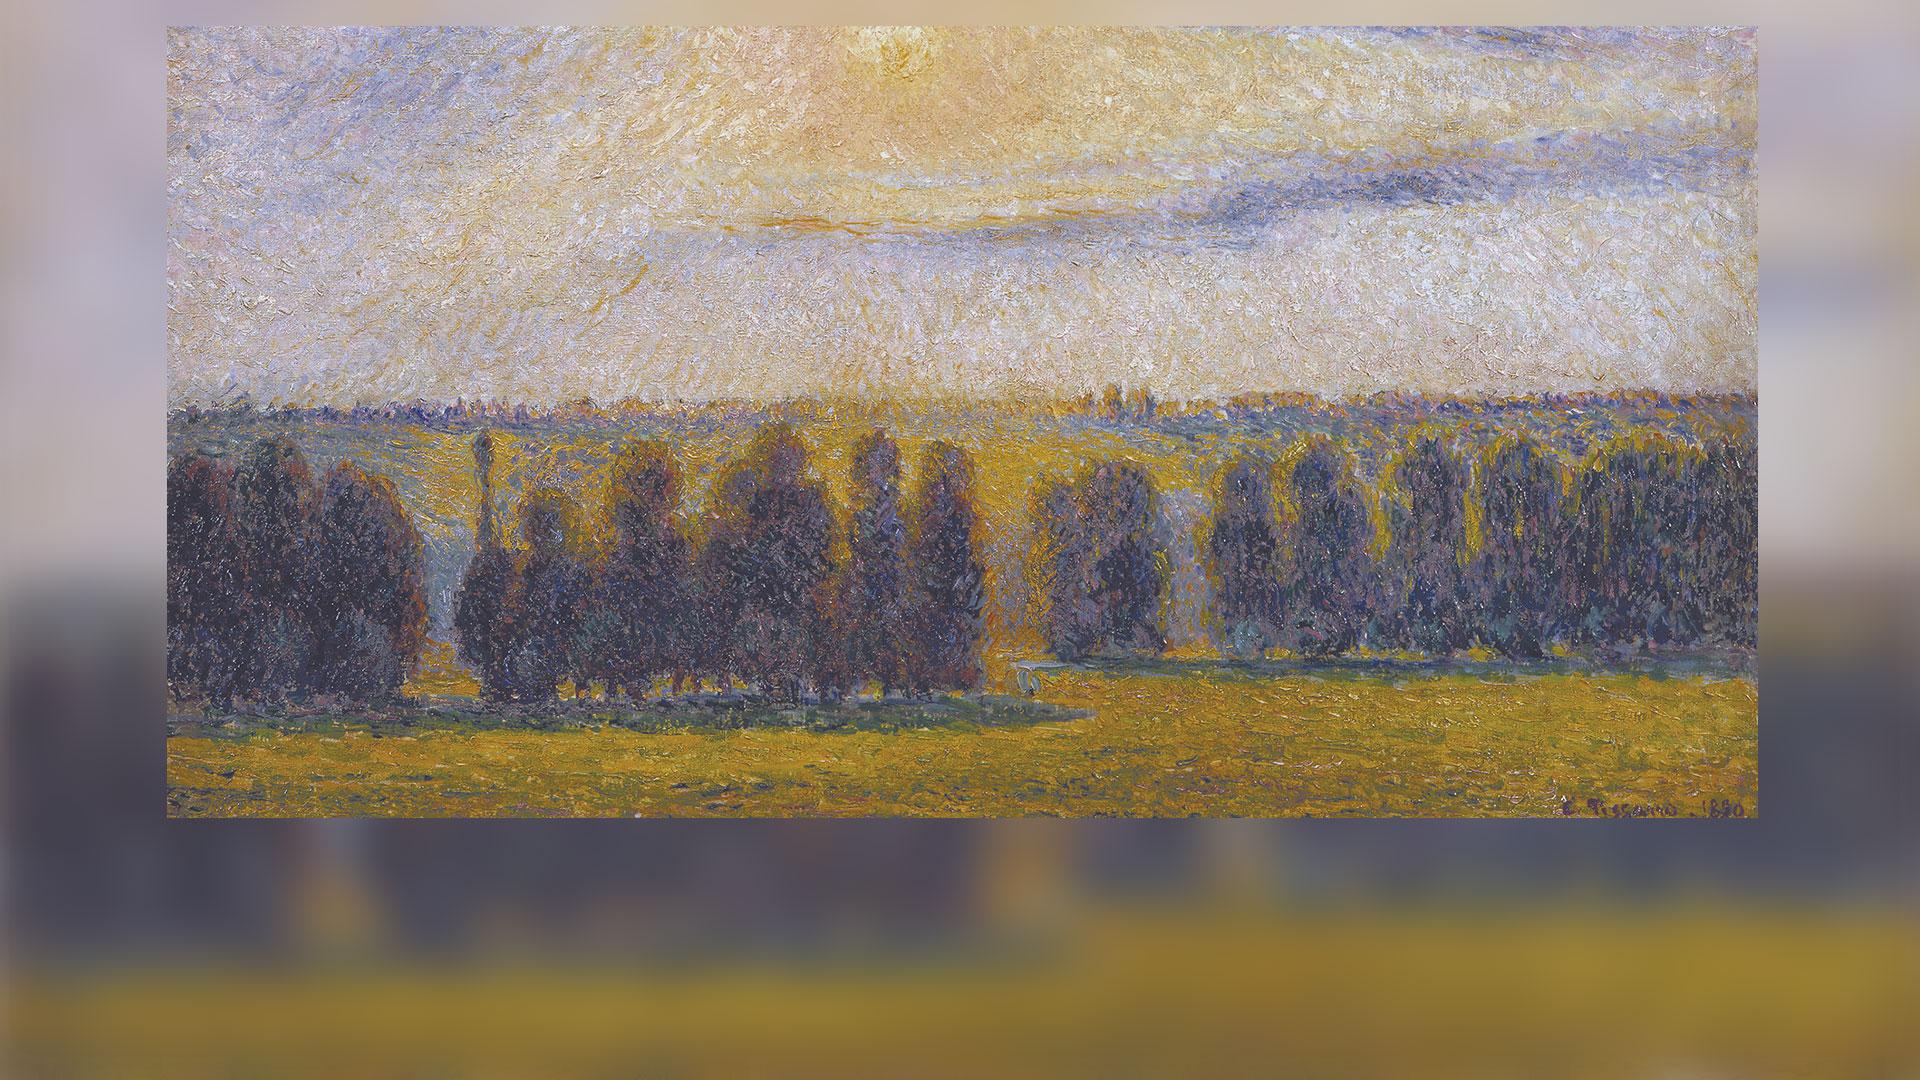 Pissarro, Camille, Sunset at Eragny, 1890